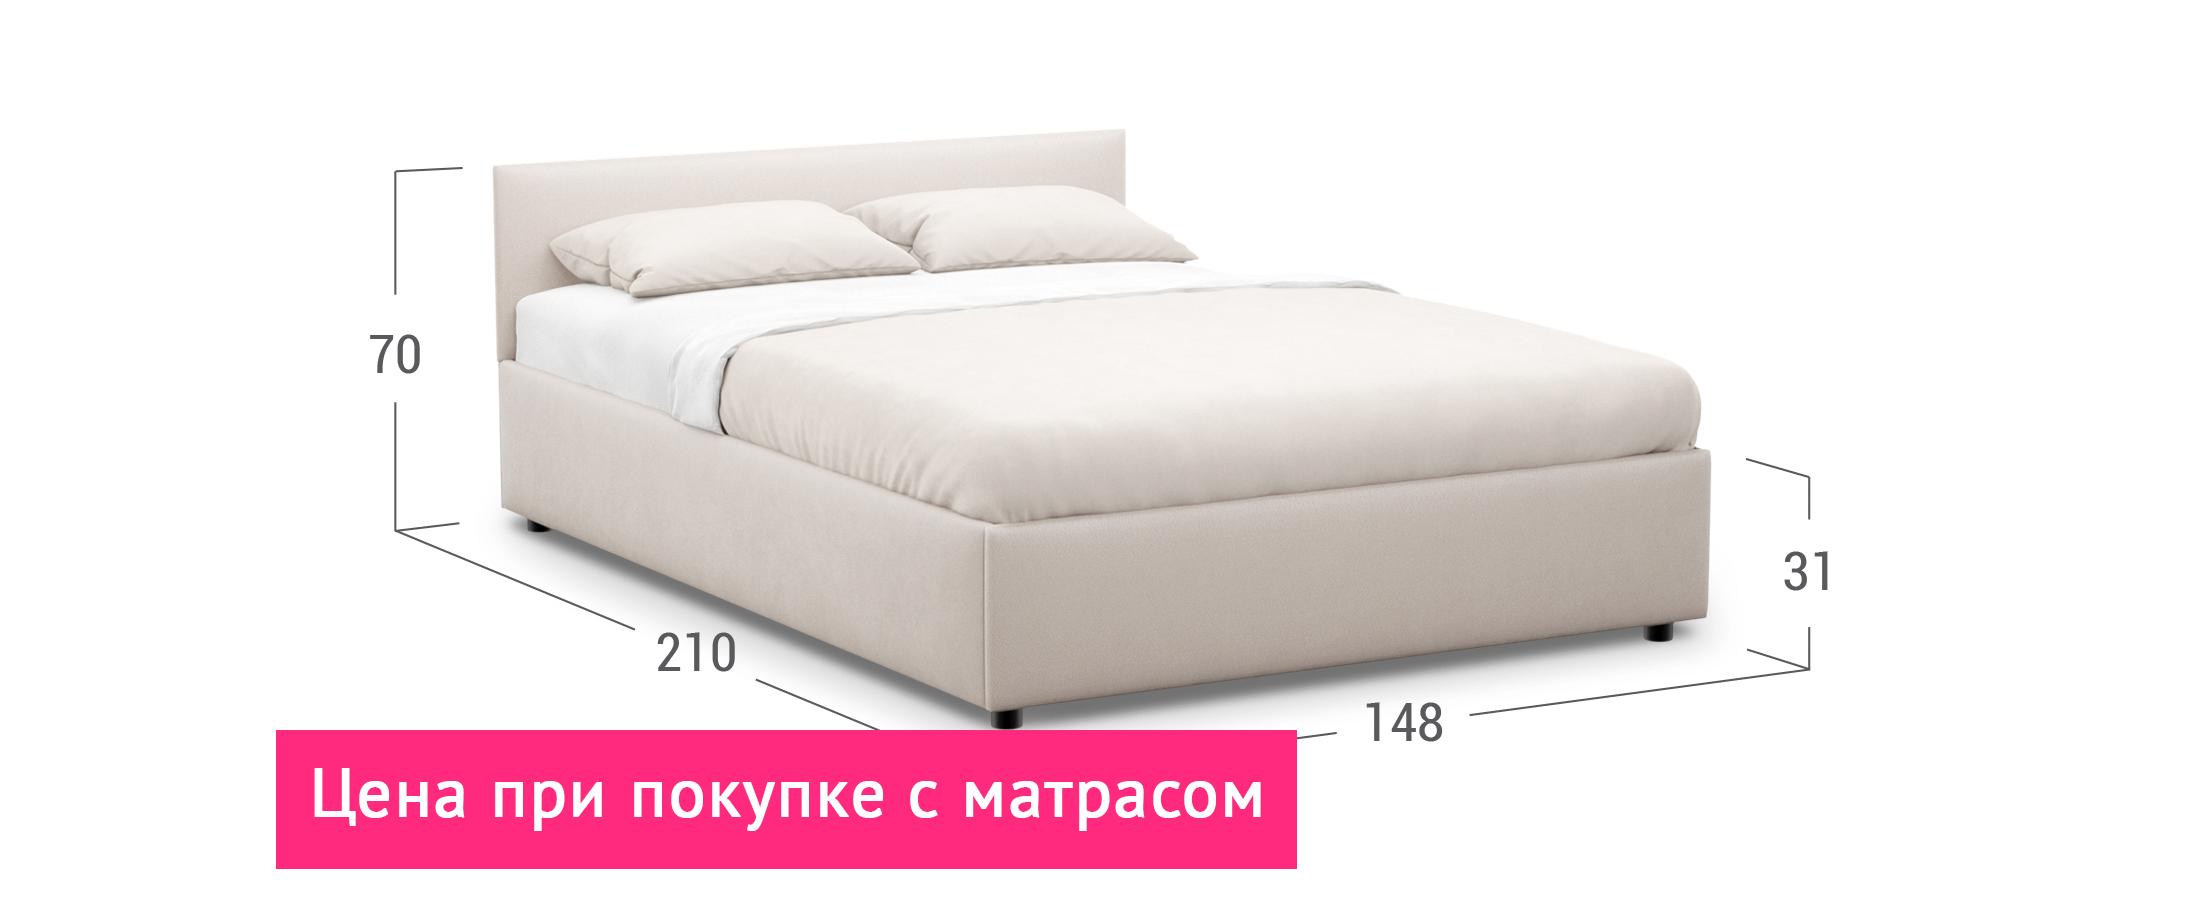 Кровать с основанием 140х200 Prima Classic New бежевого цвета - купить в Москве в интернет-магазине MOON TRADE К002597